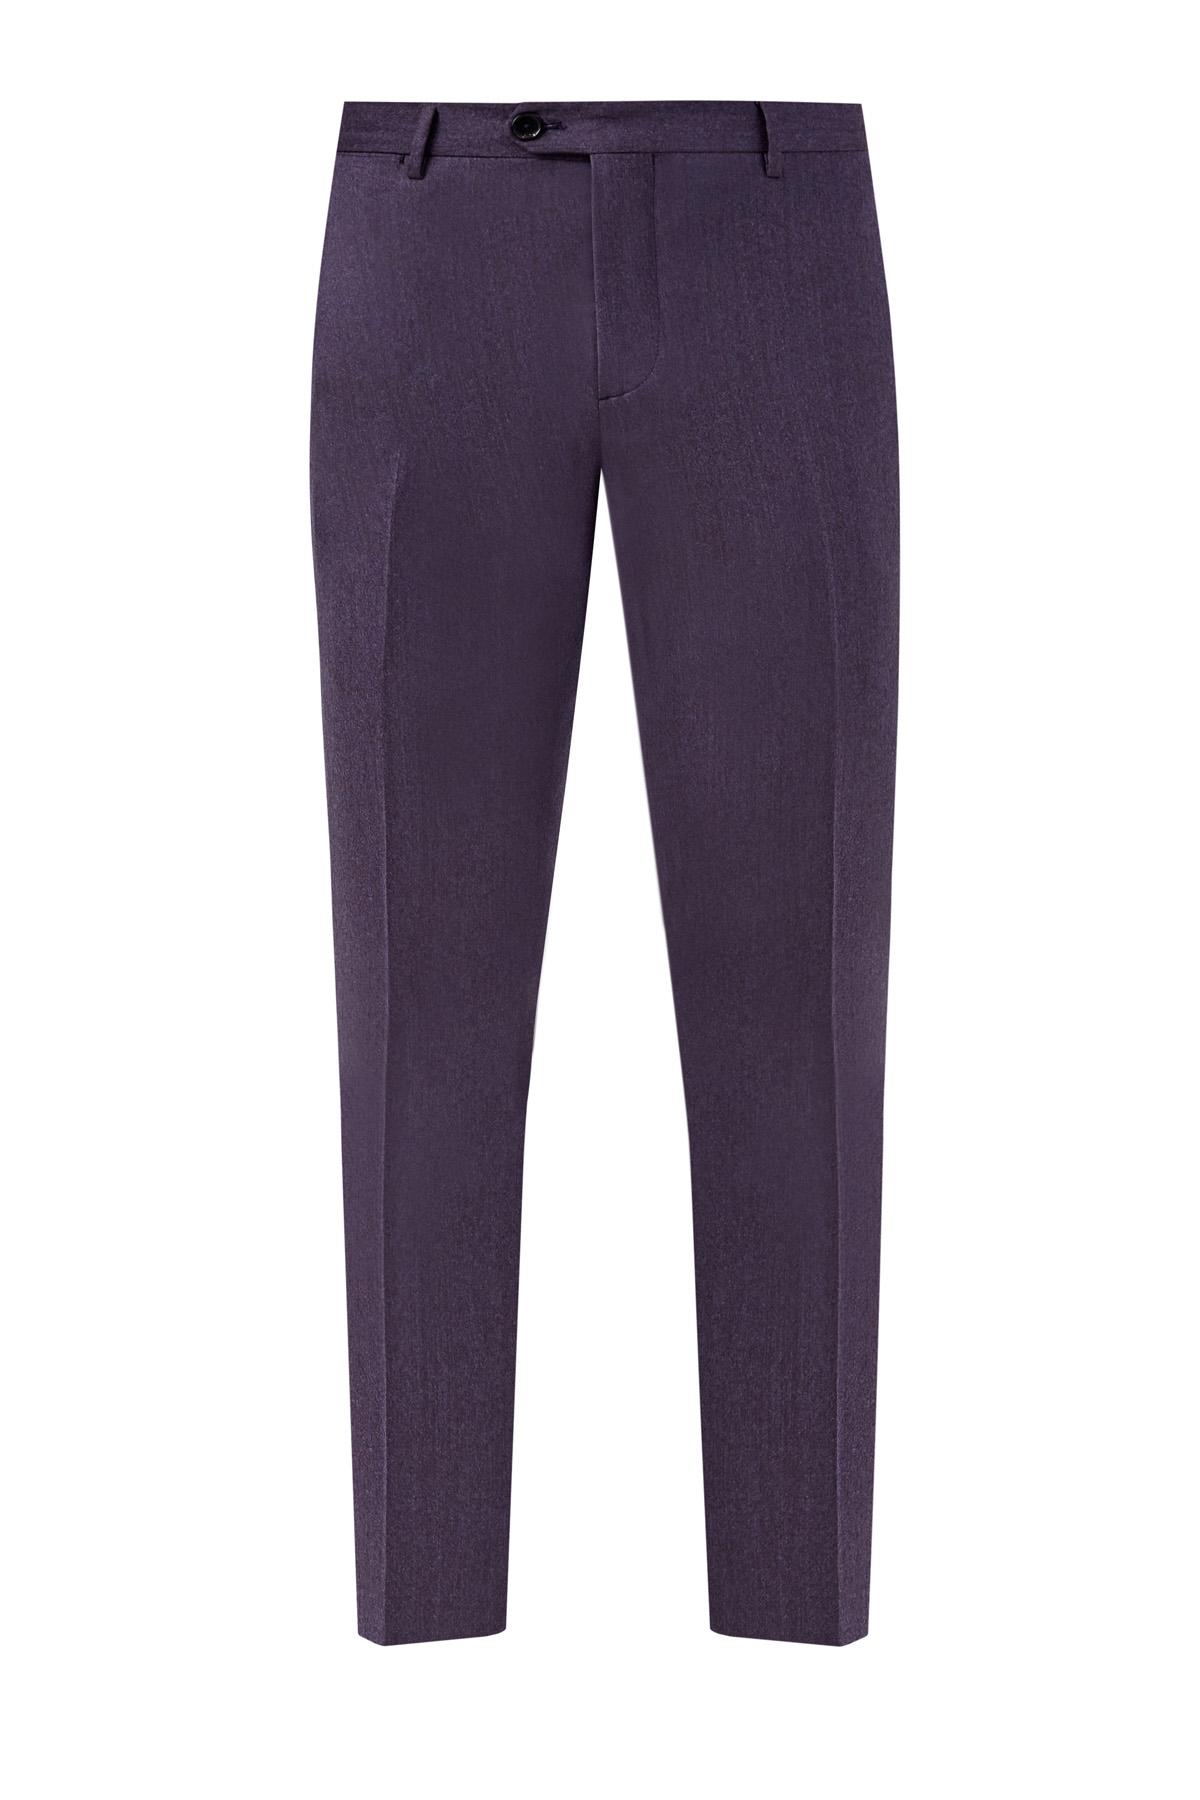 Классические брюки из шерстяной фланели фото